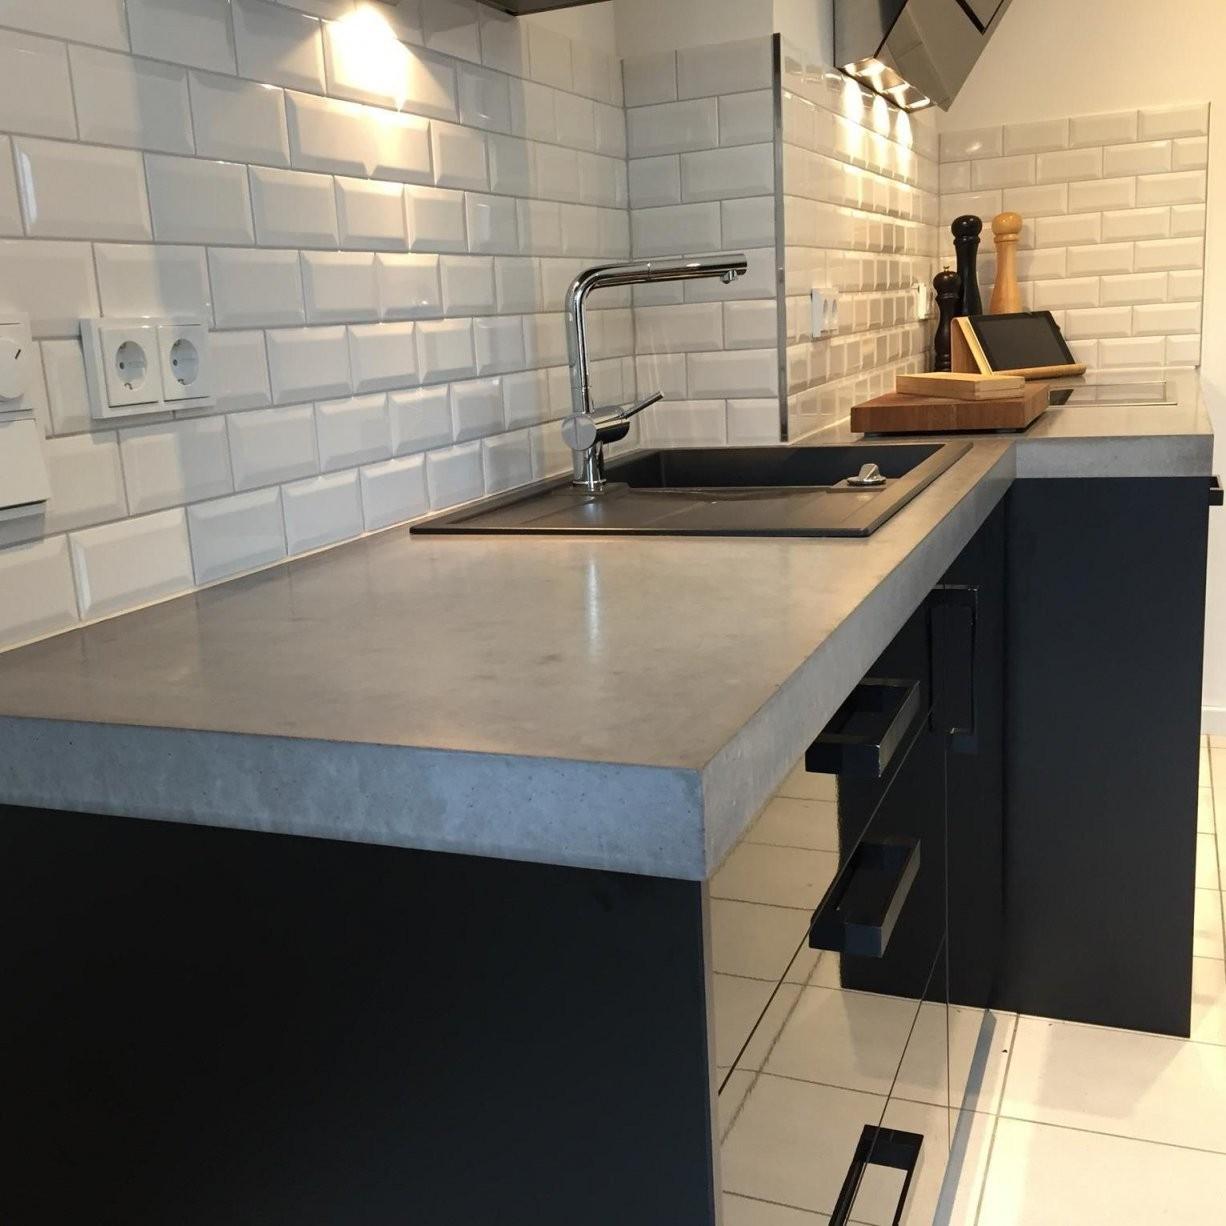 Arbeitsplatten Aus Beton Diy  Anleitung Mit Betonrezept  Bigmeatlove von Küchenarbeitsplatte Beton Selber Machen Bild